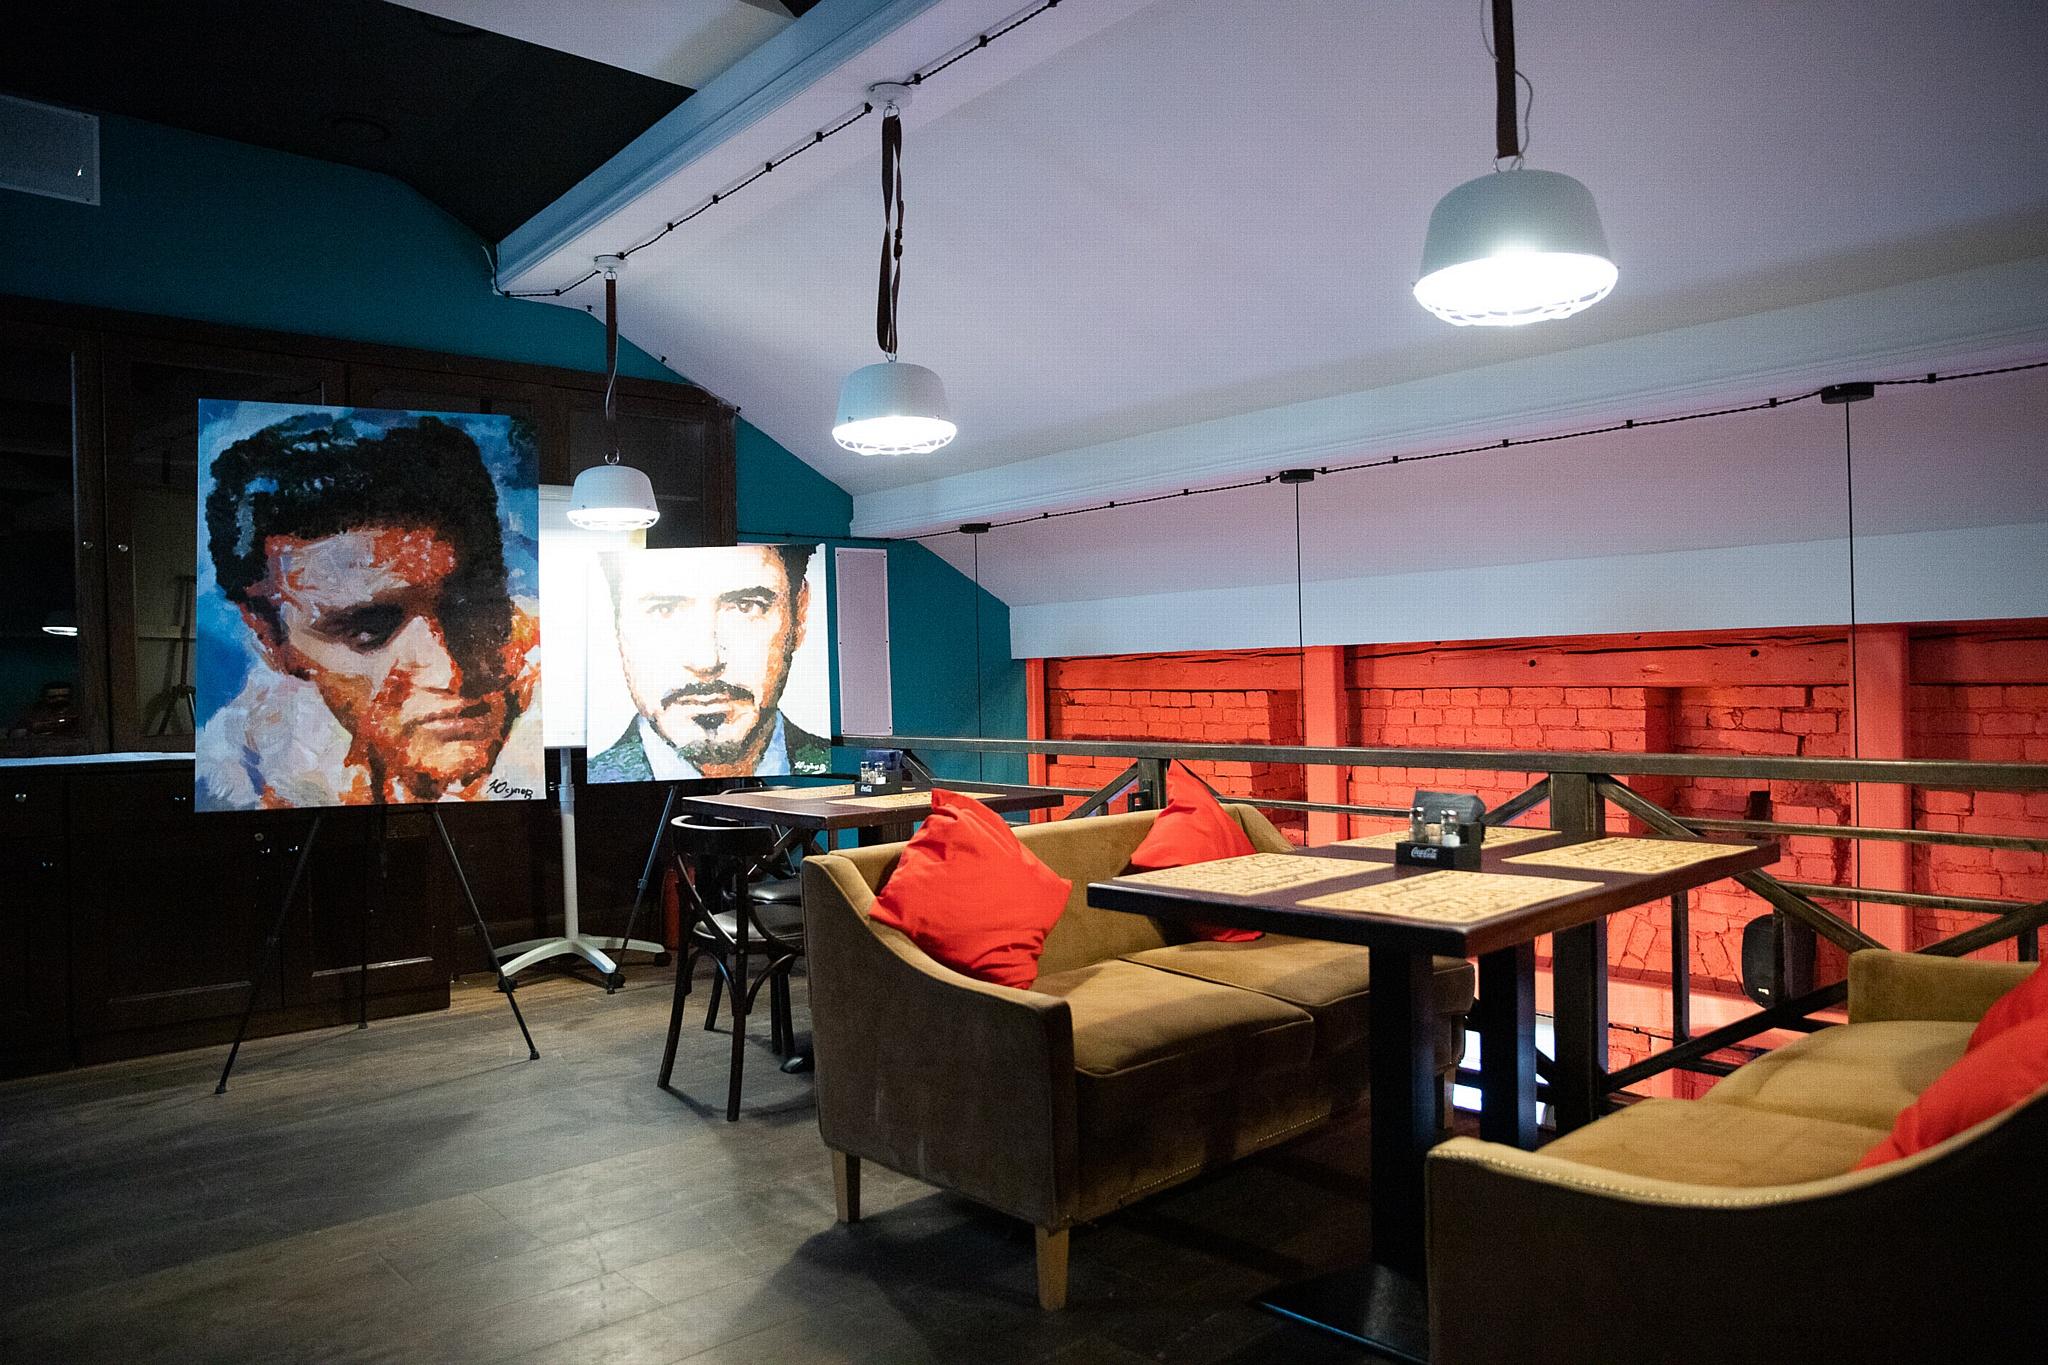 Московский ресторан Stairs открылся выставкой портретов знаменитостей